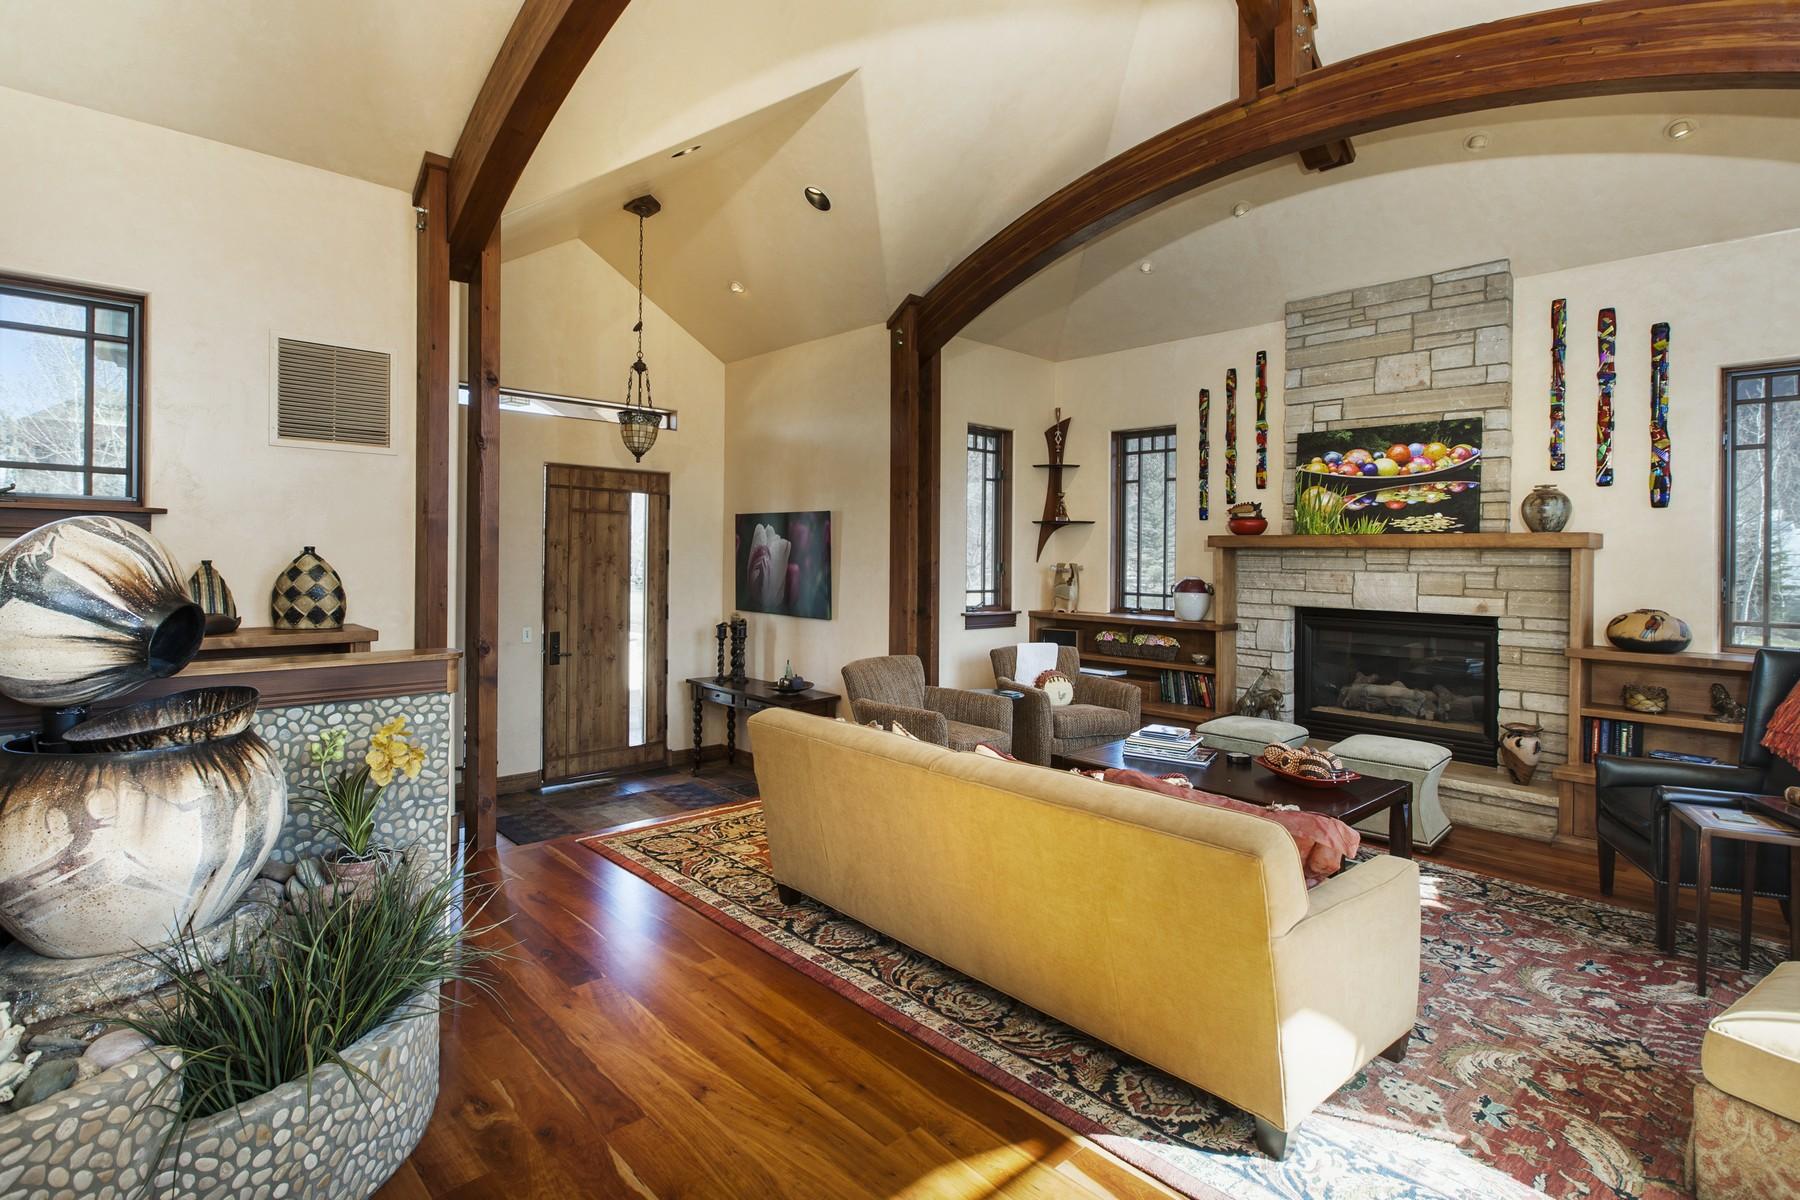 Autre Bien Résidentiel pour l Vente à Enjoy the Aspen Glen Lifestyle 303 River's Bend Carbondale, Colorado 81623 États-Unis